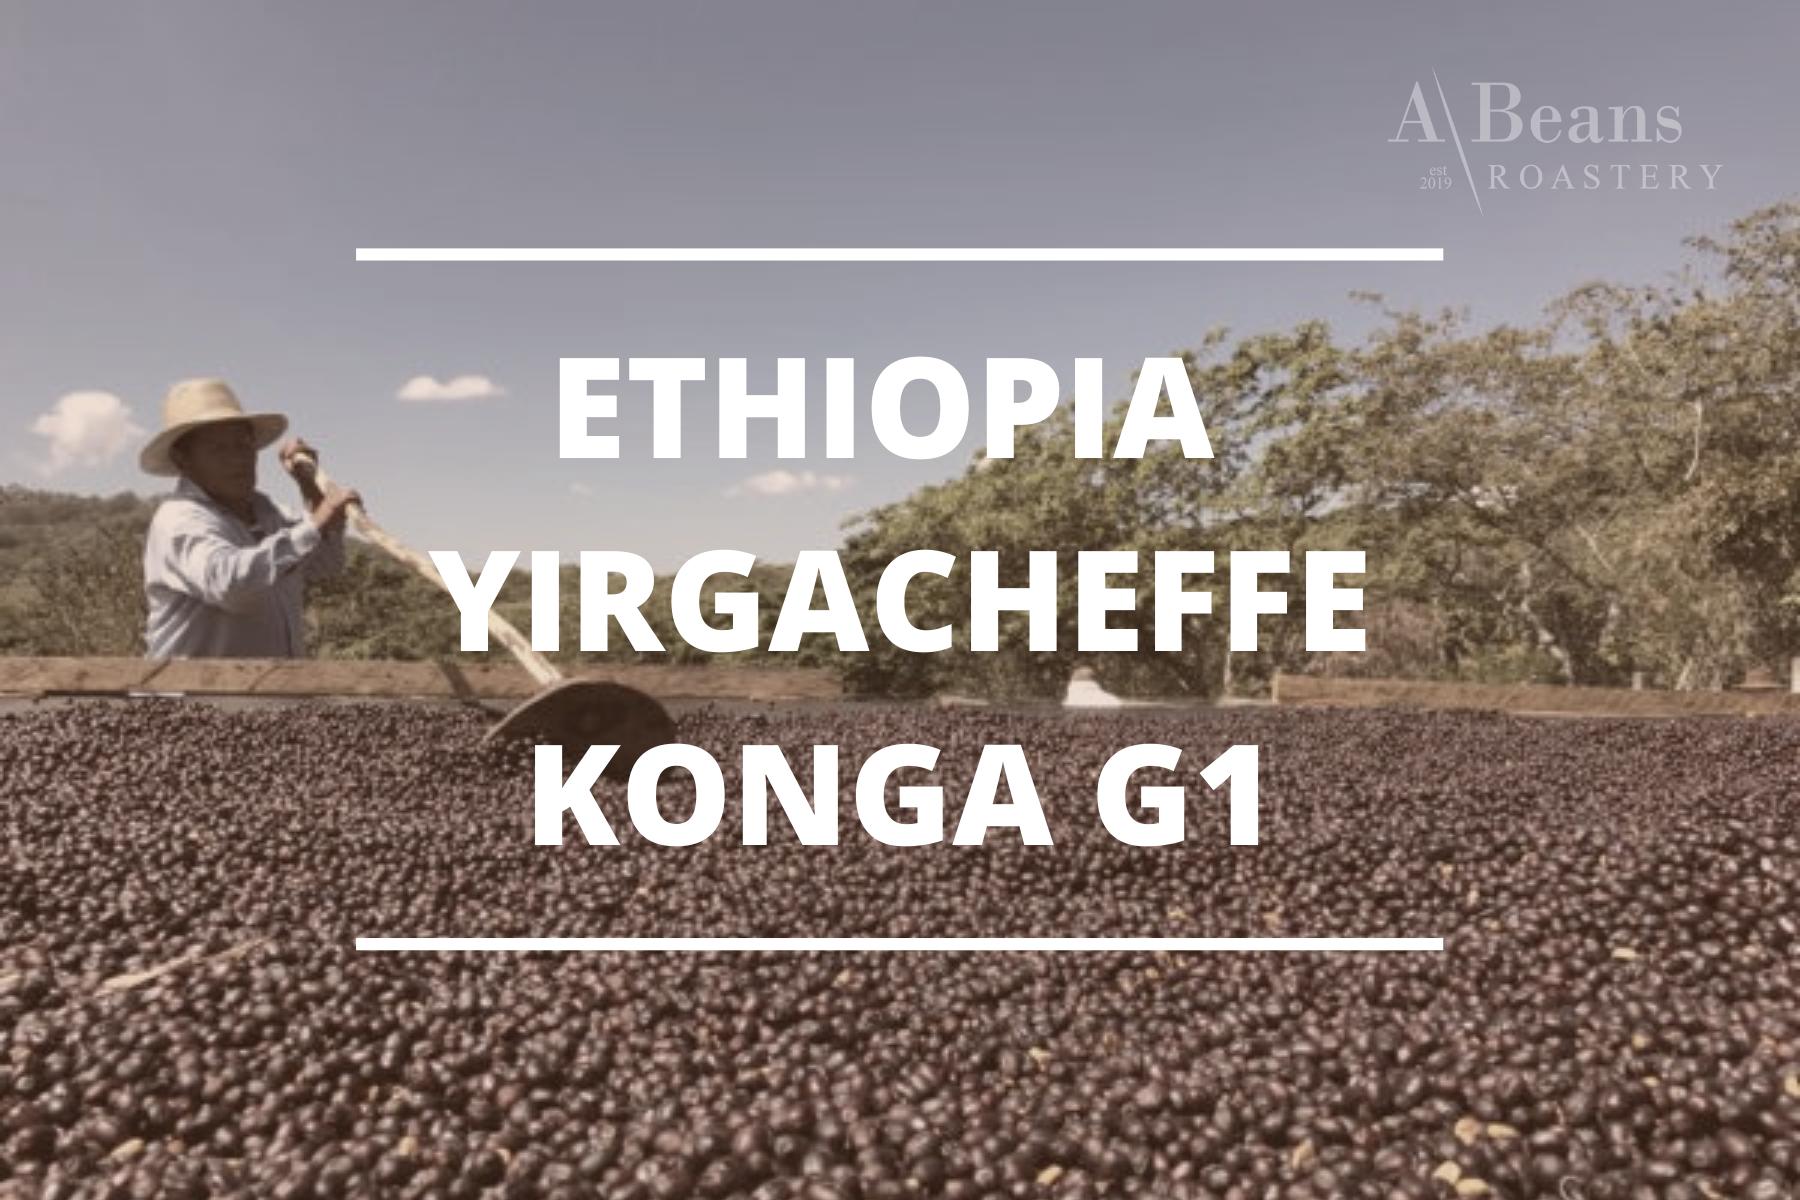 Ethiopia Yirgacheffe.png